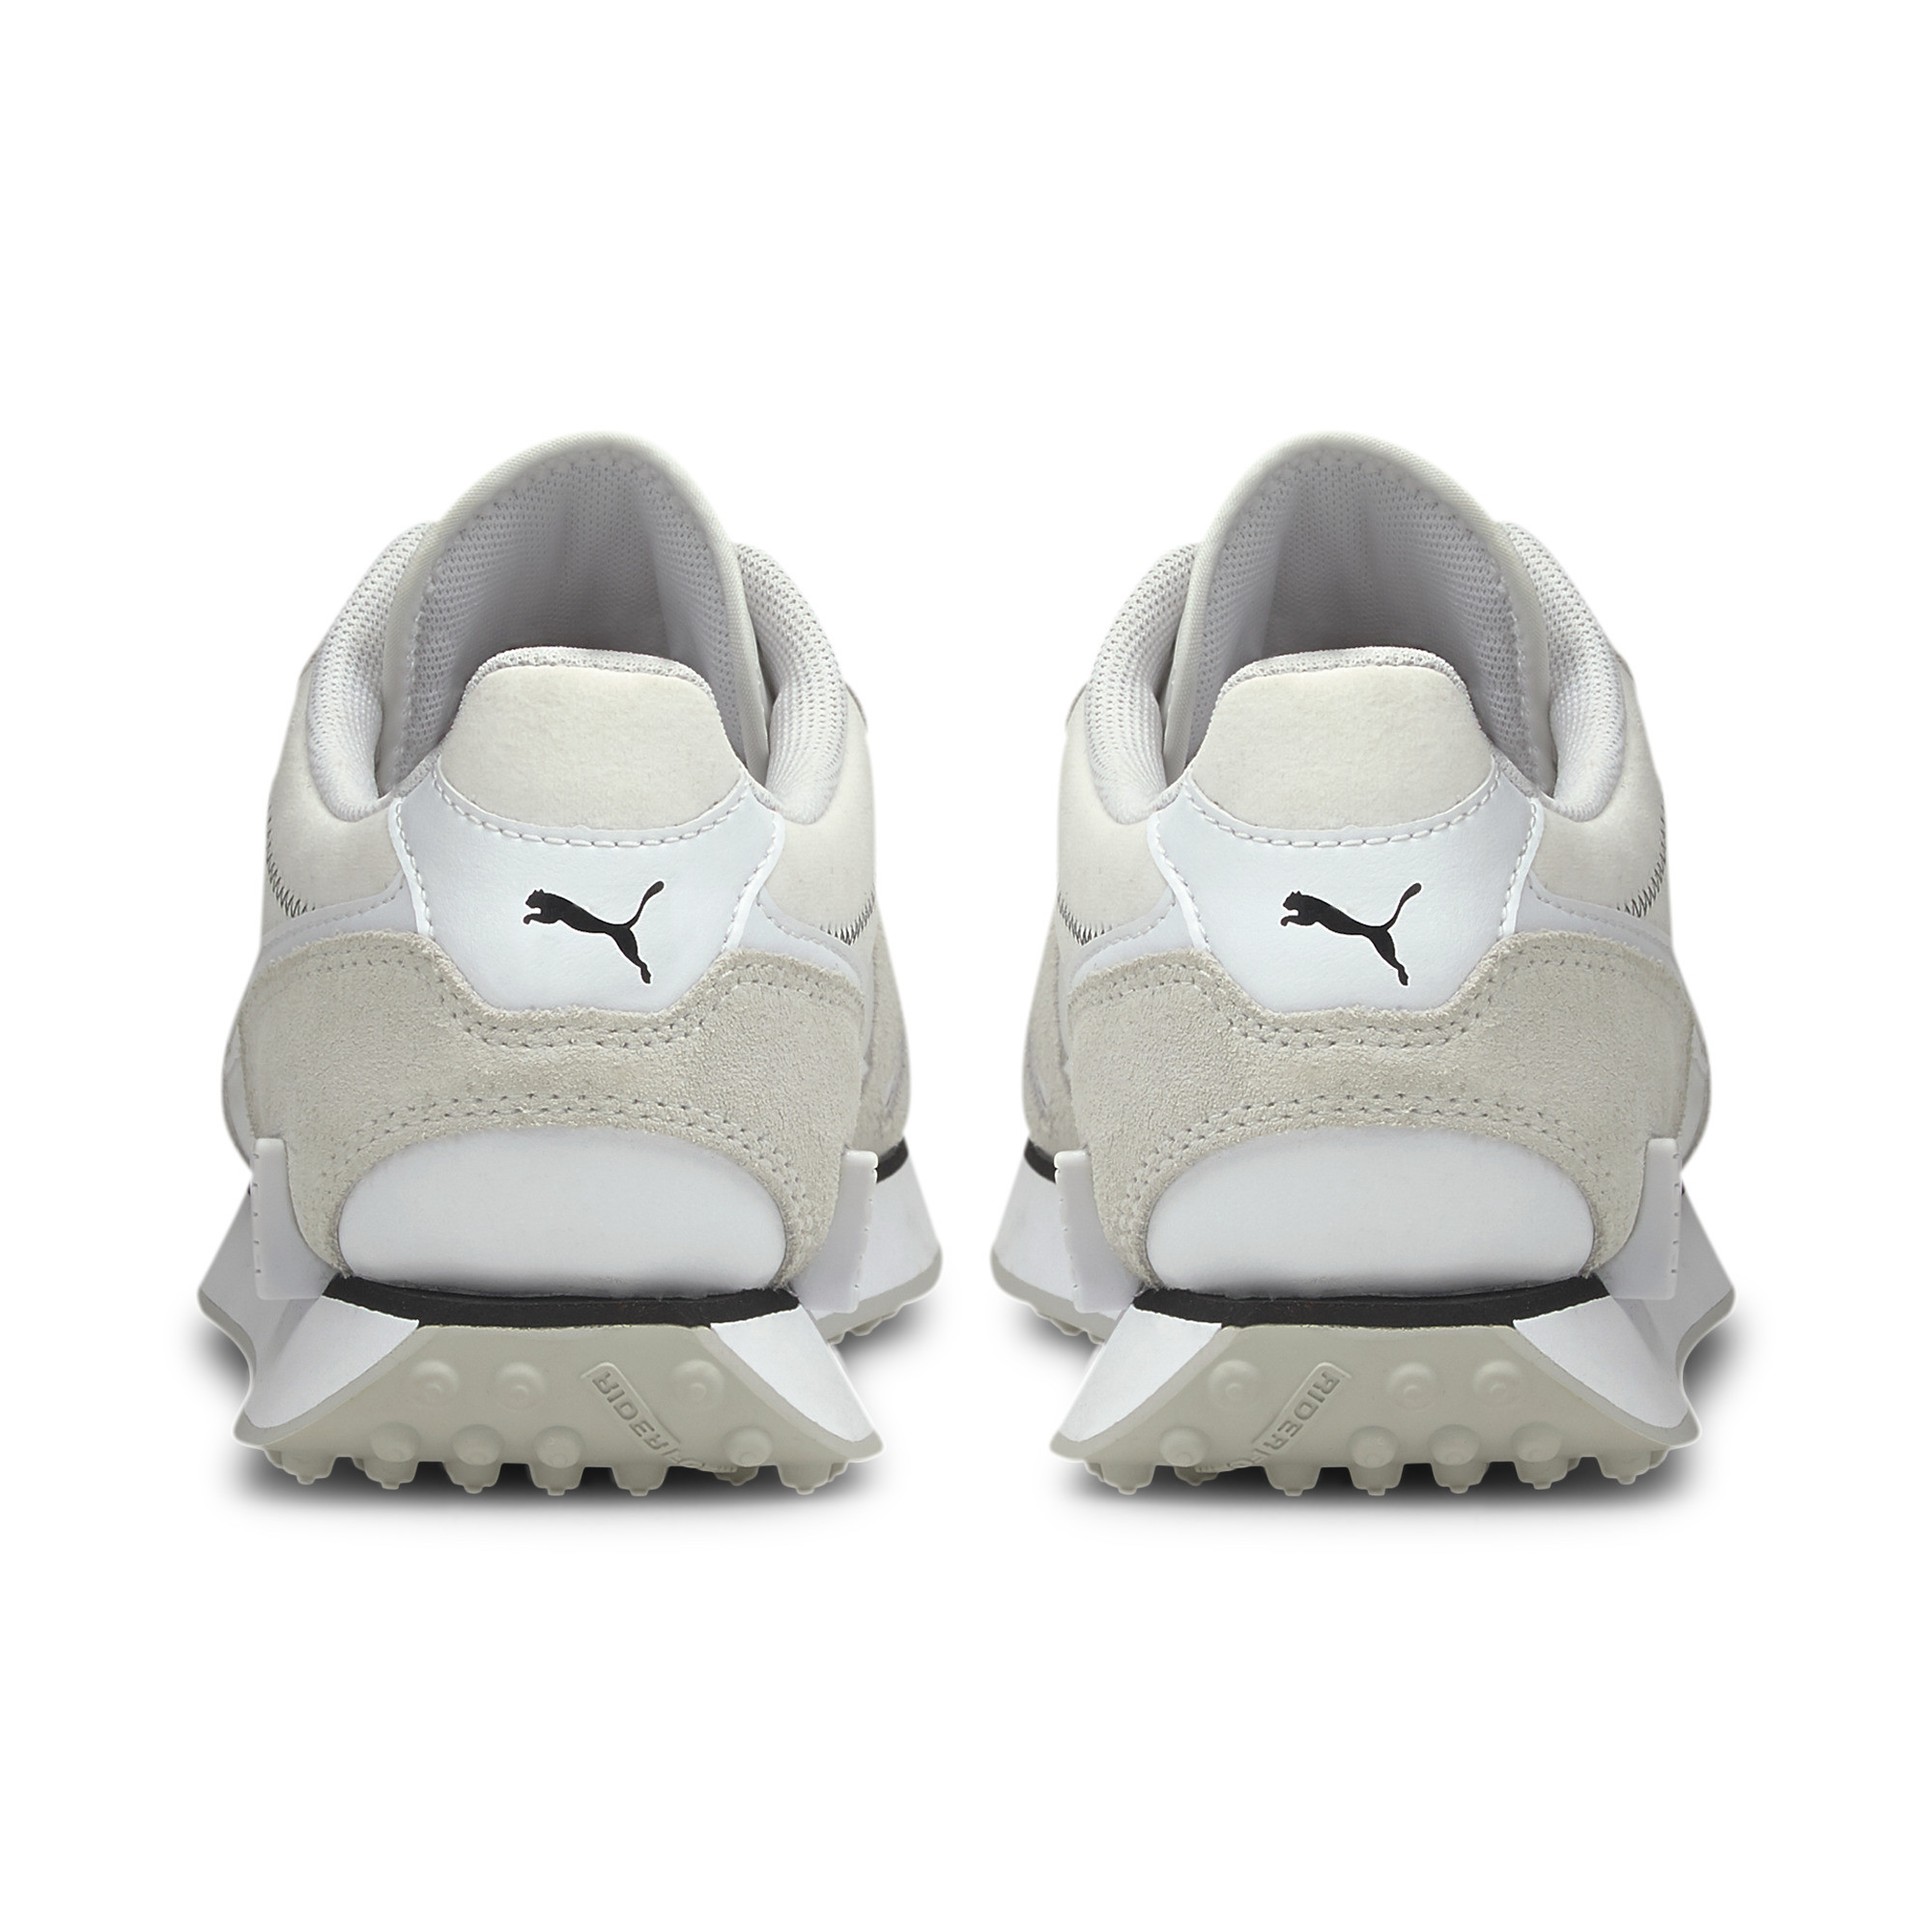 Indexbild 9 - PUMA-Mile-Rider-Chrome-Desert-Damen-Sneaker-Frauen-Schuhe-Neu